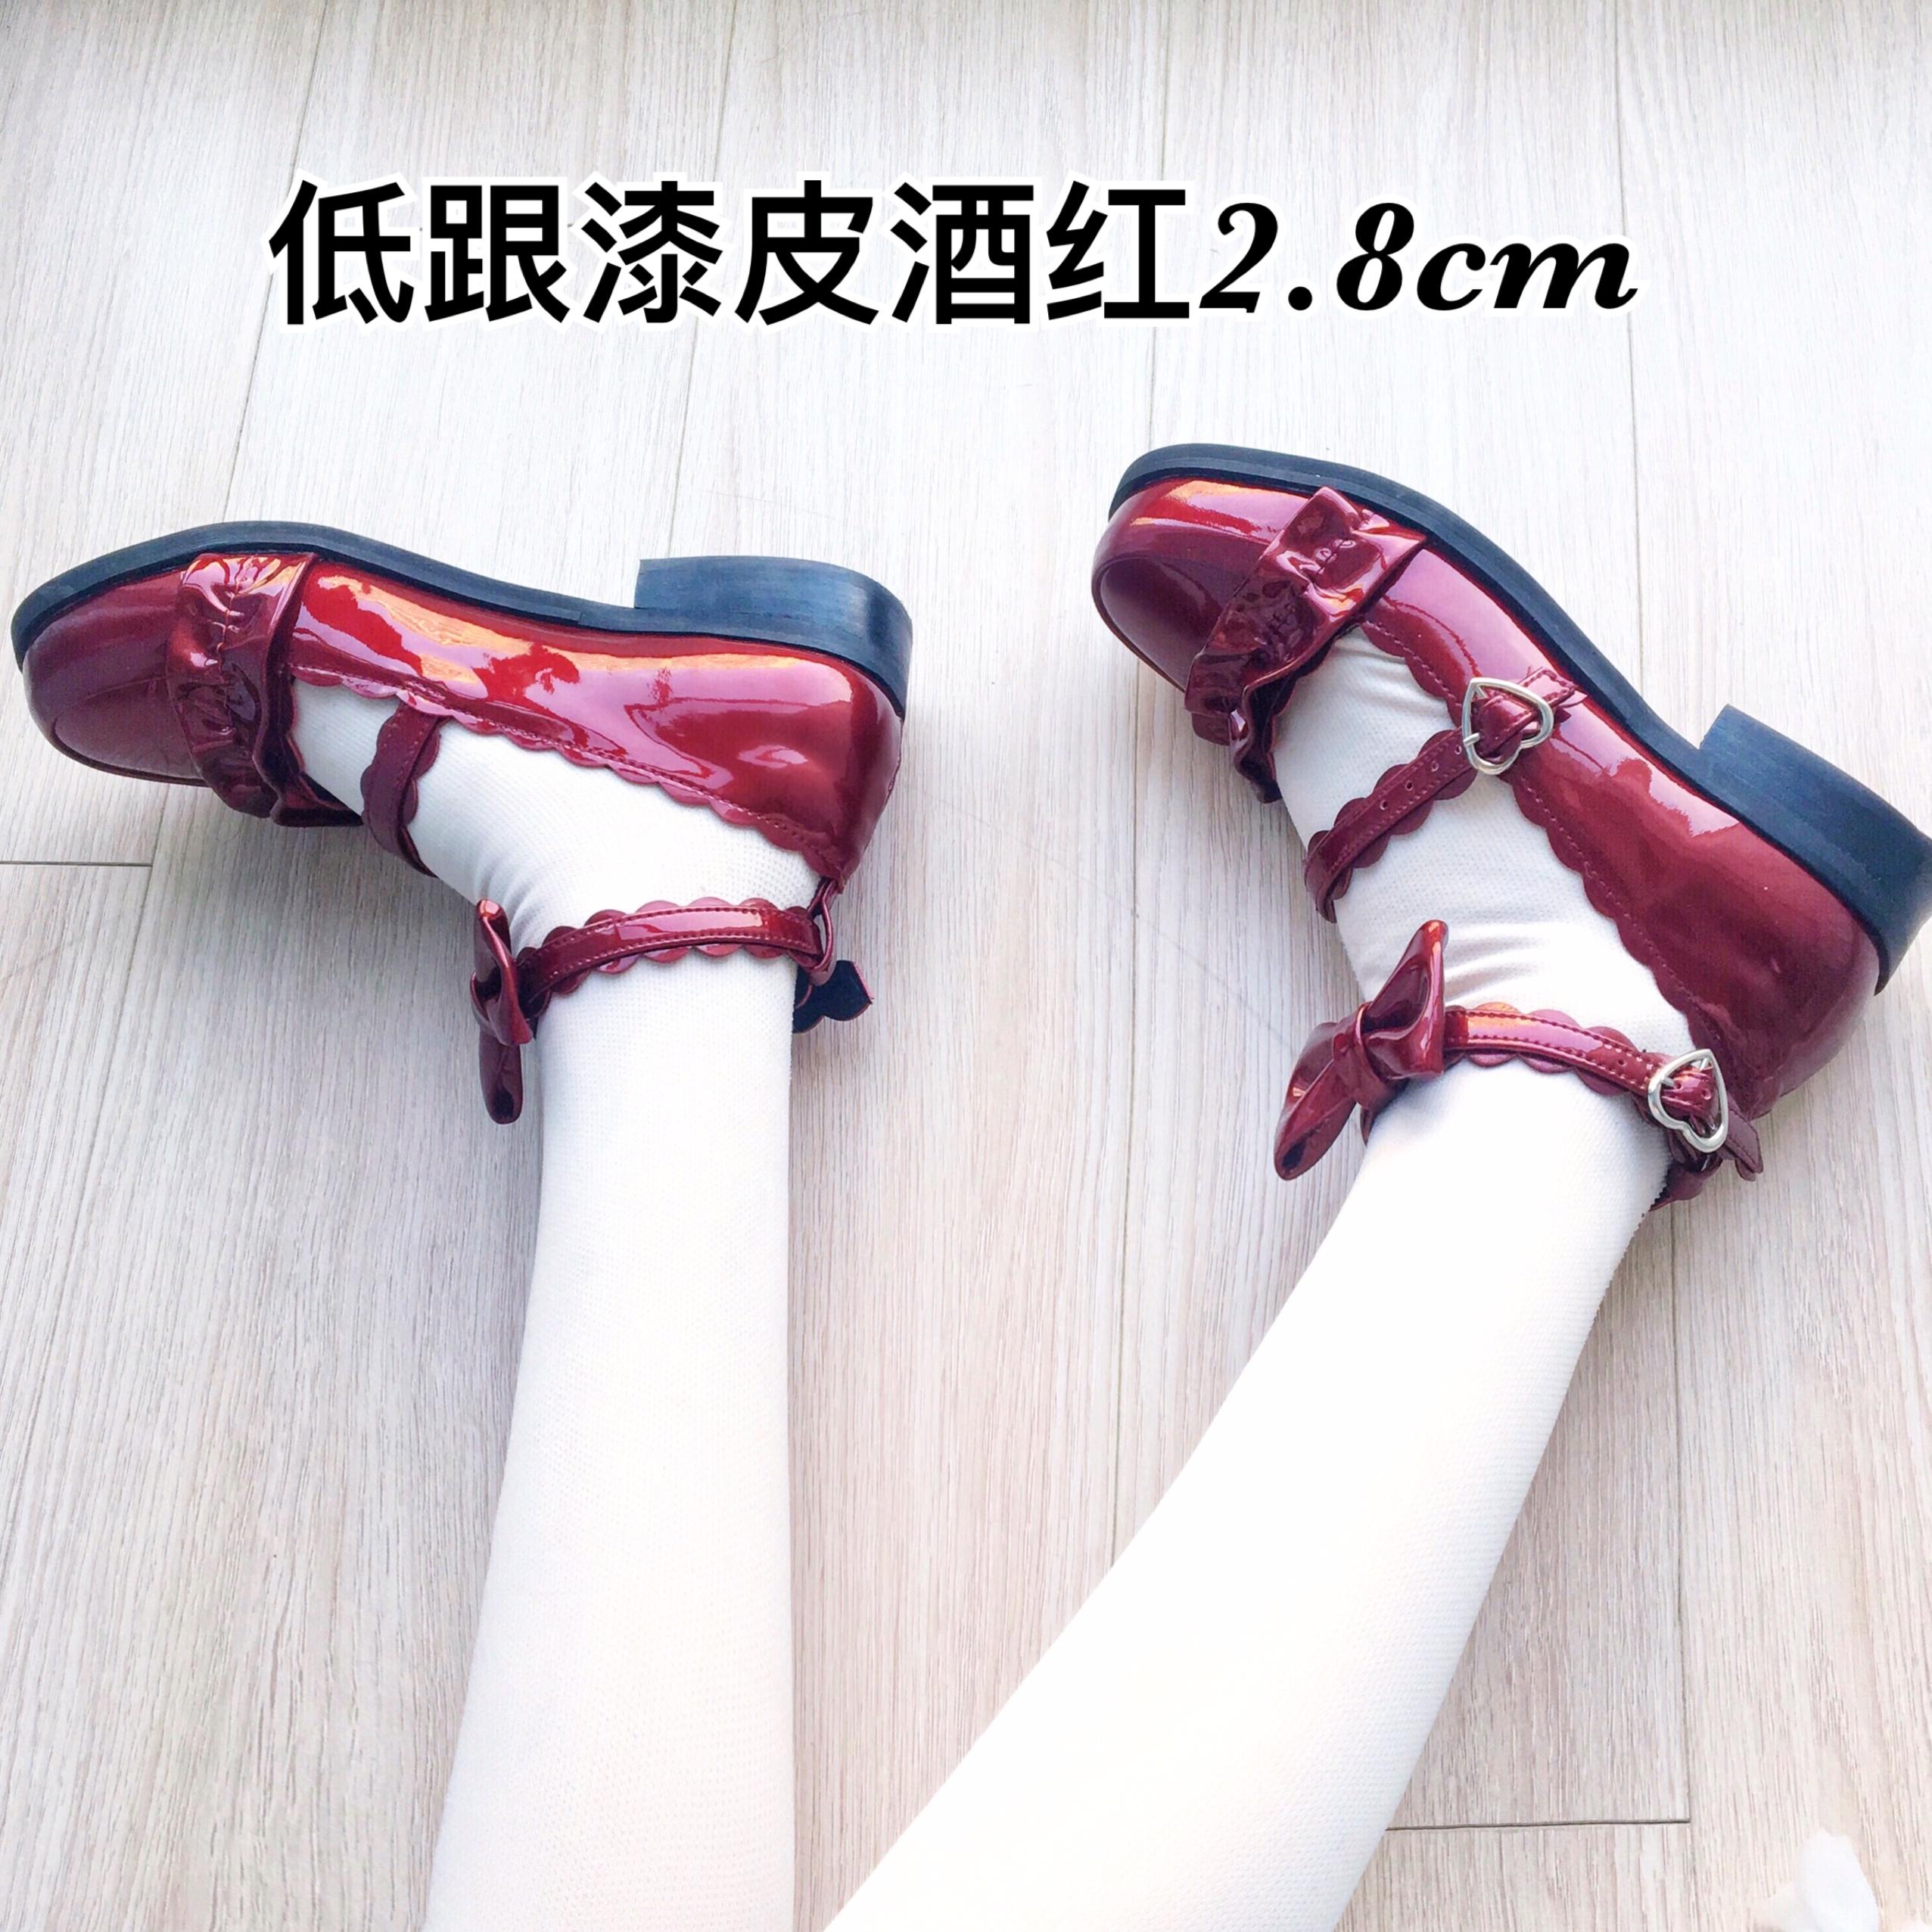 原创花边皮鞋 Lolita 低跟漆皮酒红漆皮黑梅露露绵羊泡芙 正品